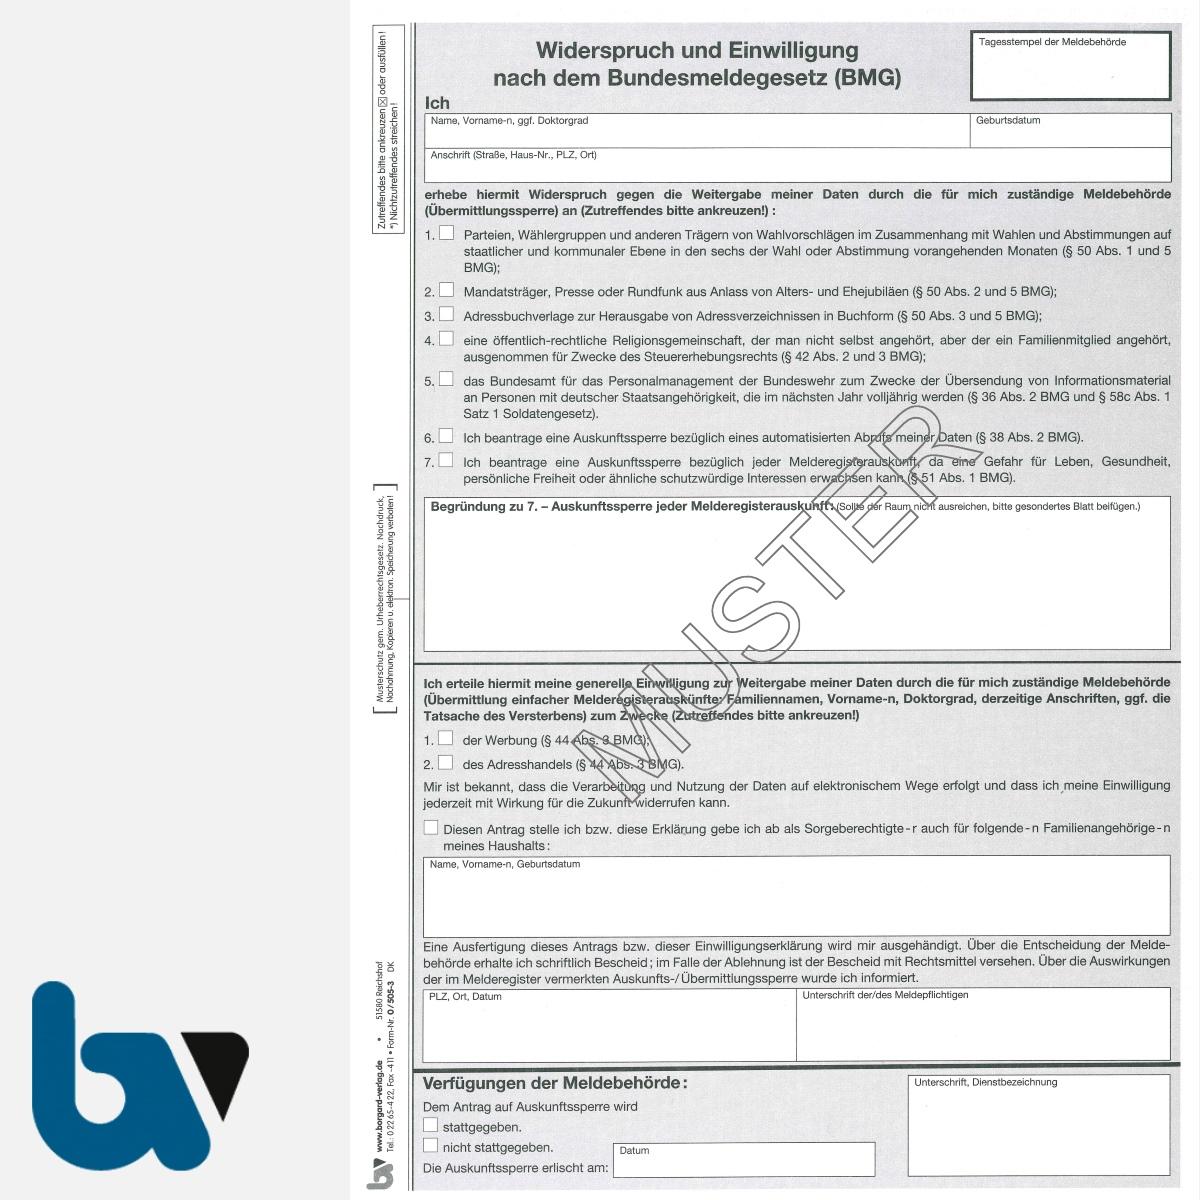 0/505-3 Widerspruch Einwilligung Bundesmeldegesetz Übermittlungssperre Auskunftssperre Hinweise 3-fach selbstdurchschreibend DIN A4 Seite 2 | Borgard Verlag GmbH